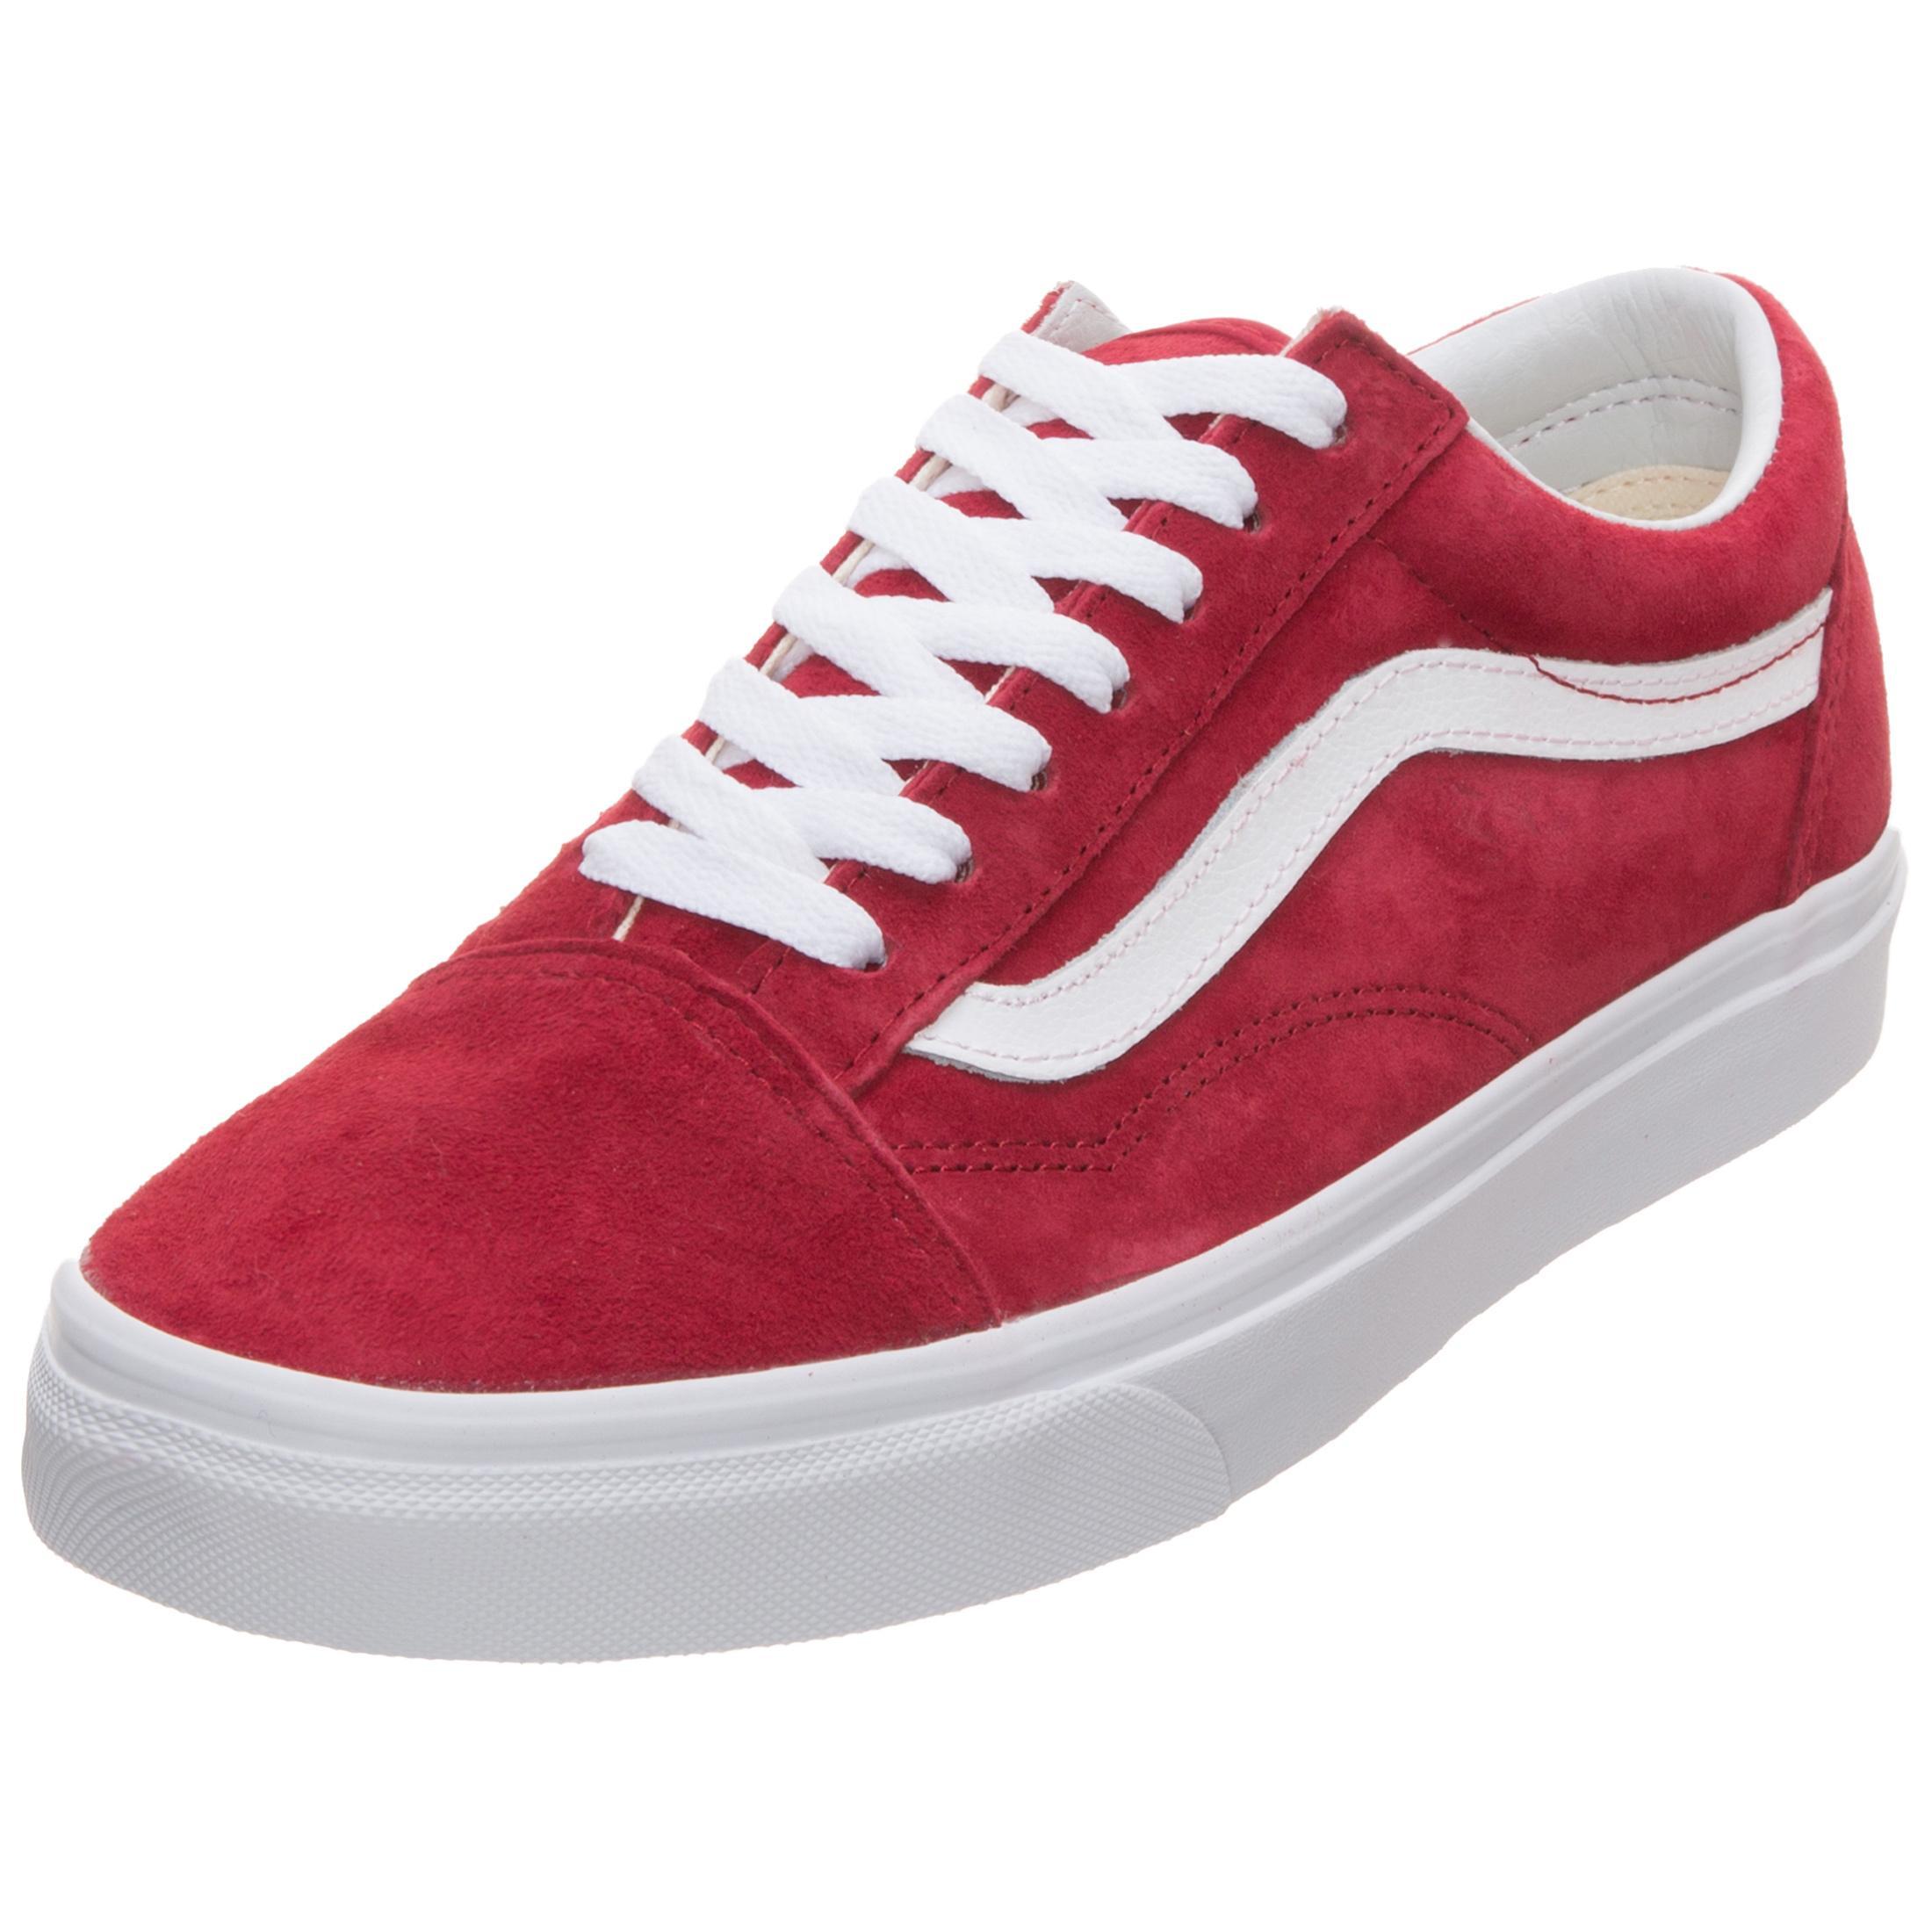 Vans Old Skool Sneaker Damen rot / weiß im Online Shop von SportScheck  kaufen